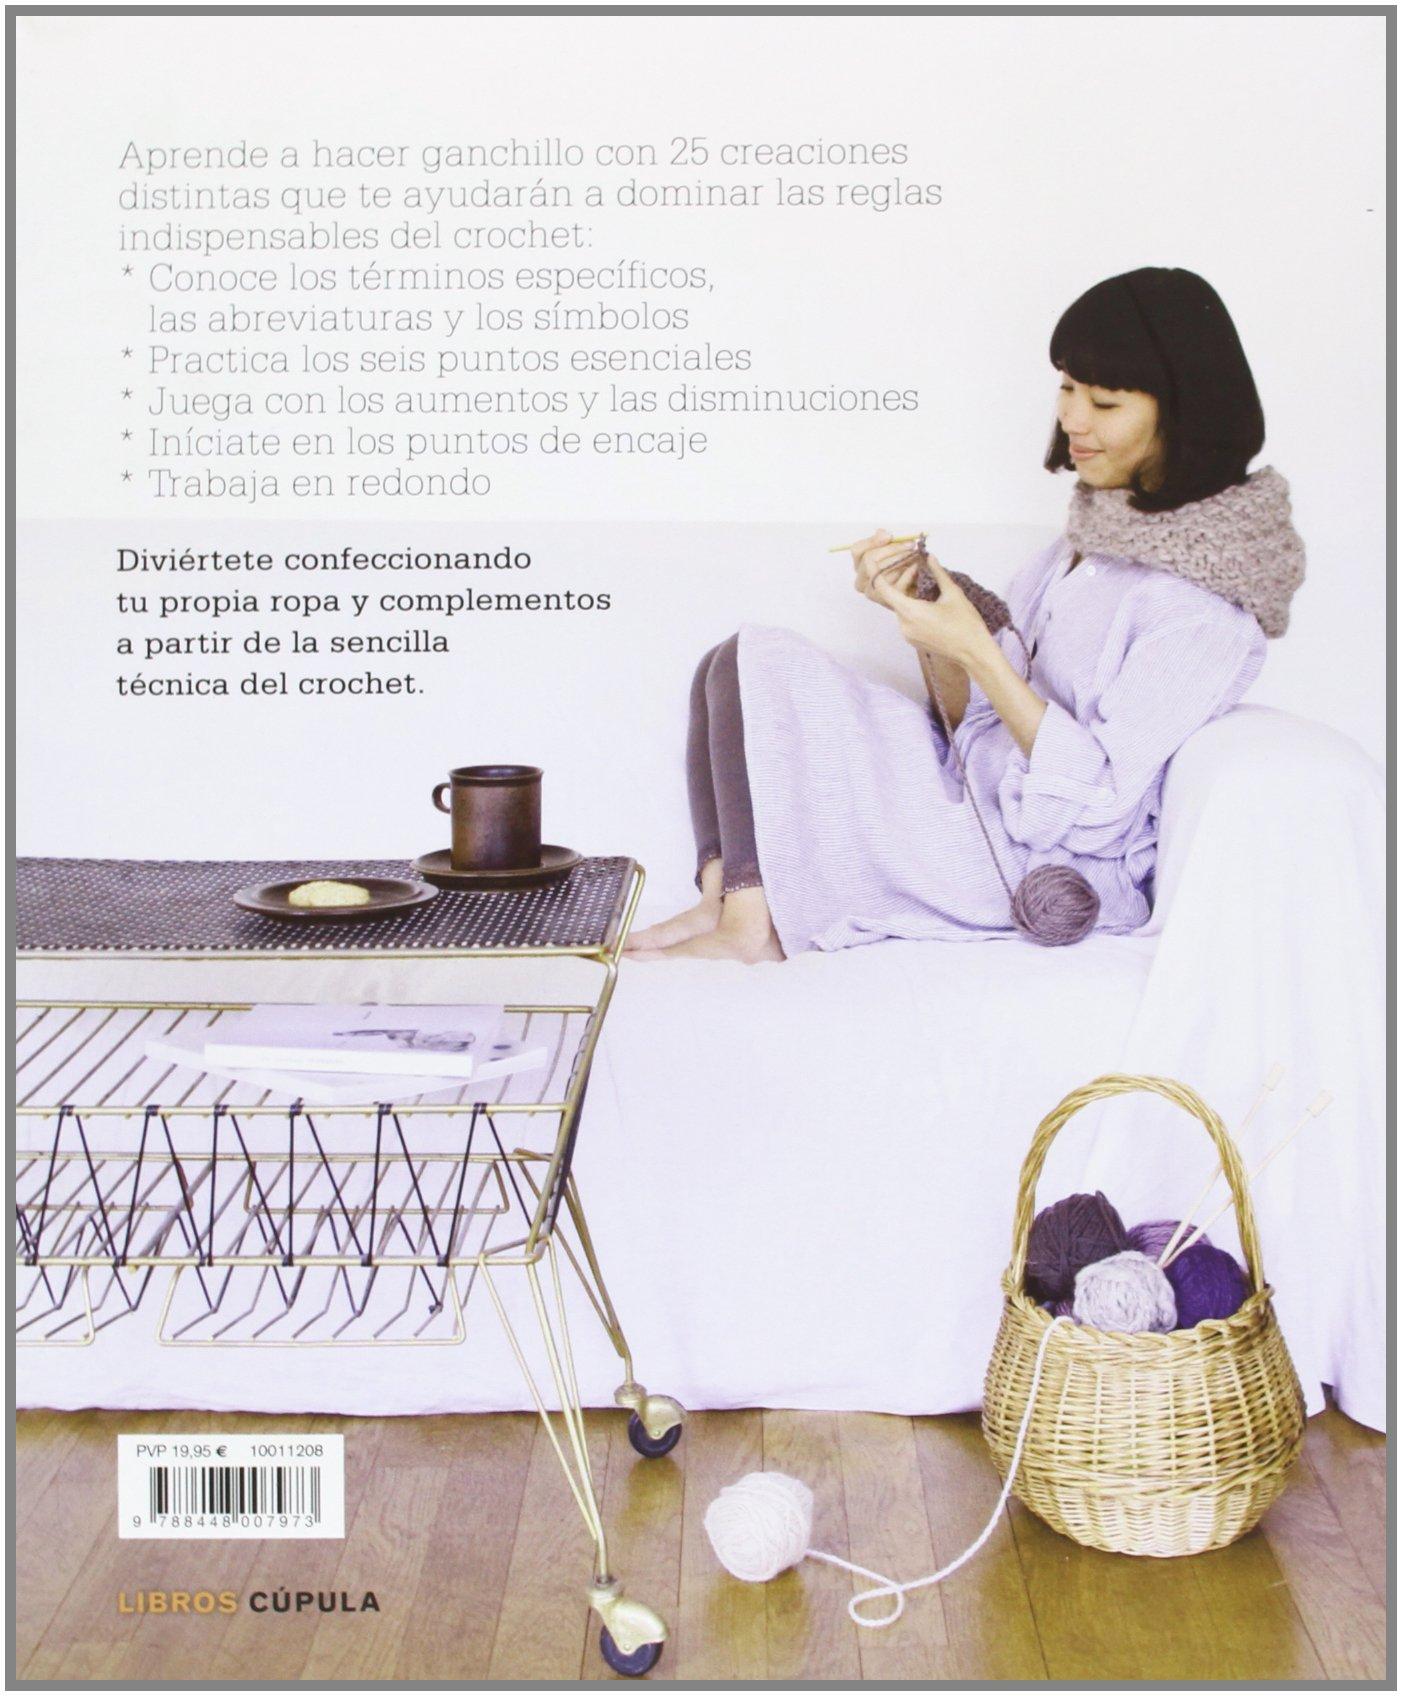 Curso de crochet: Aprender en 25 lecciones Manualidades: Amazon.es ...